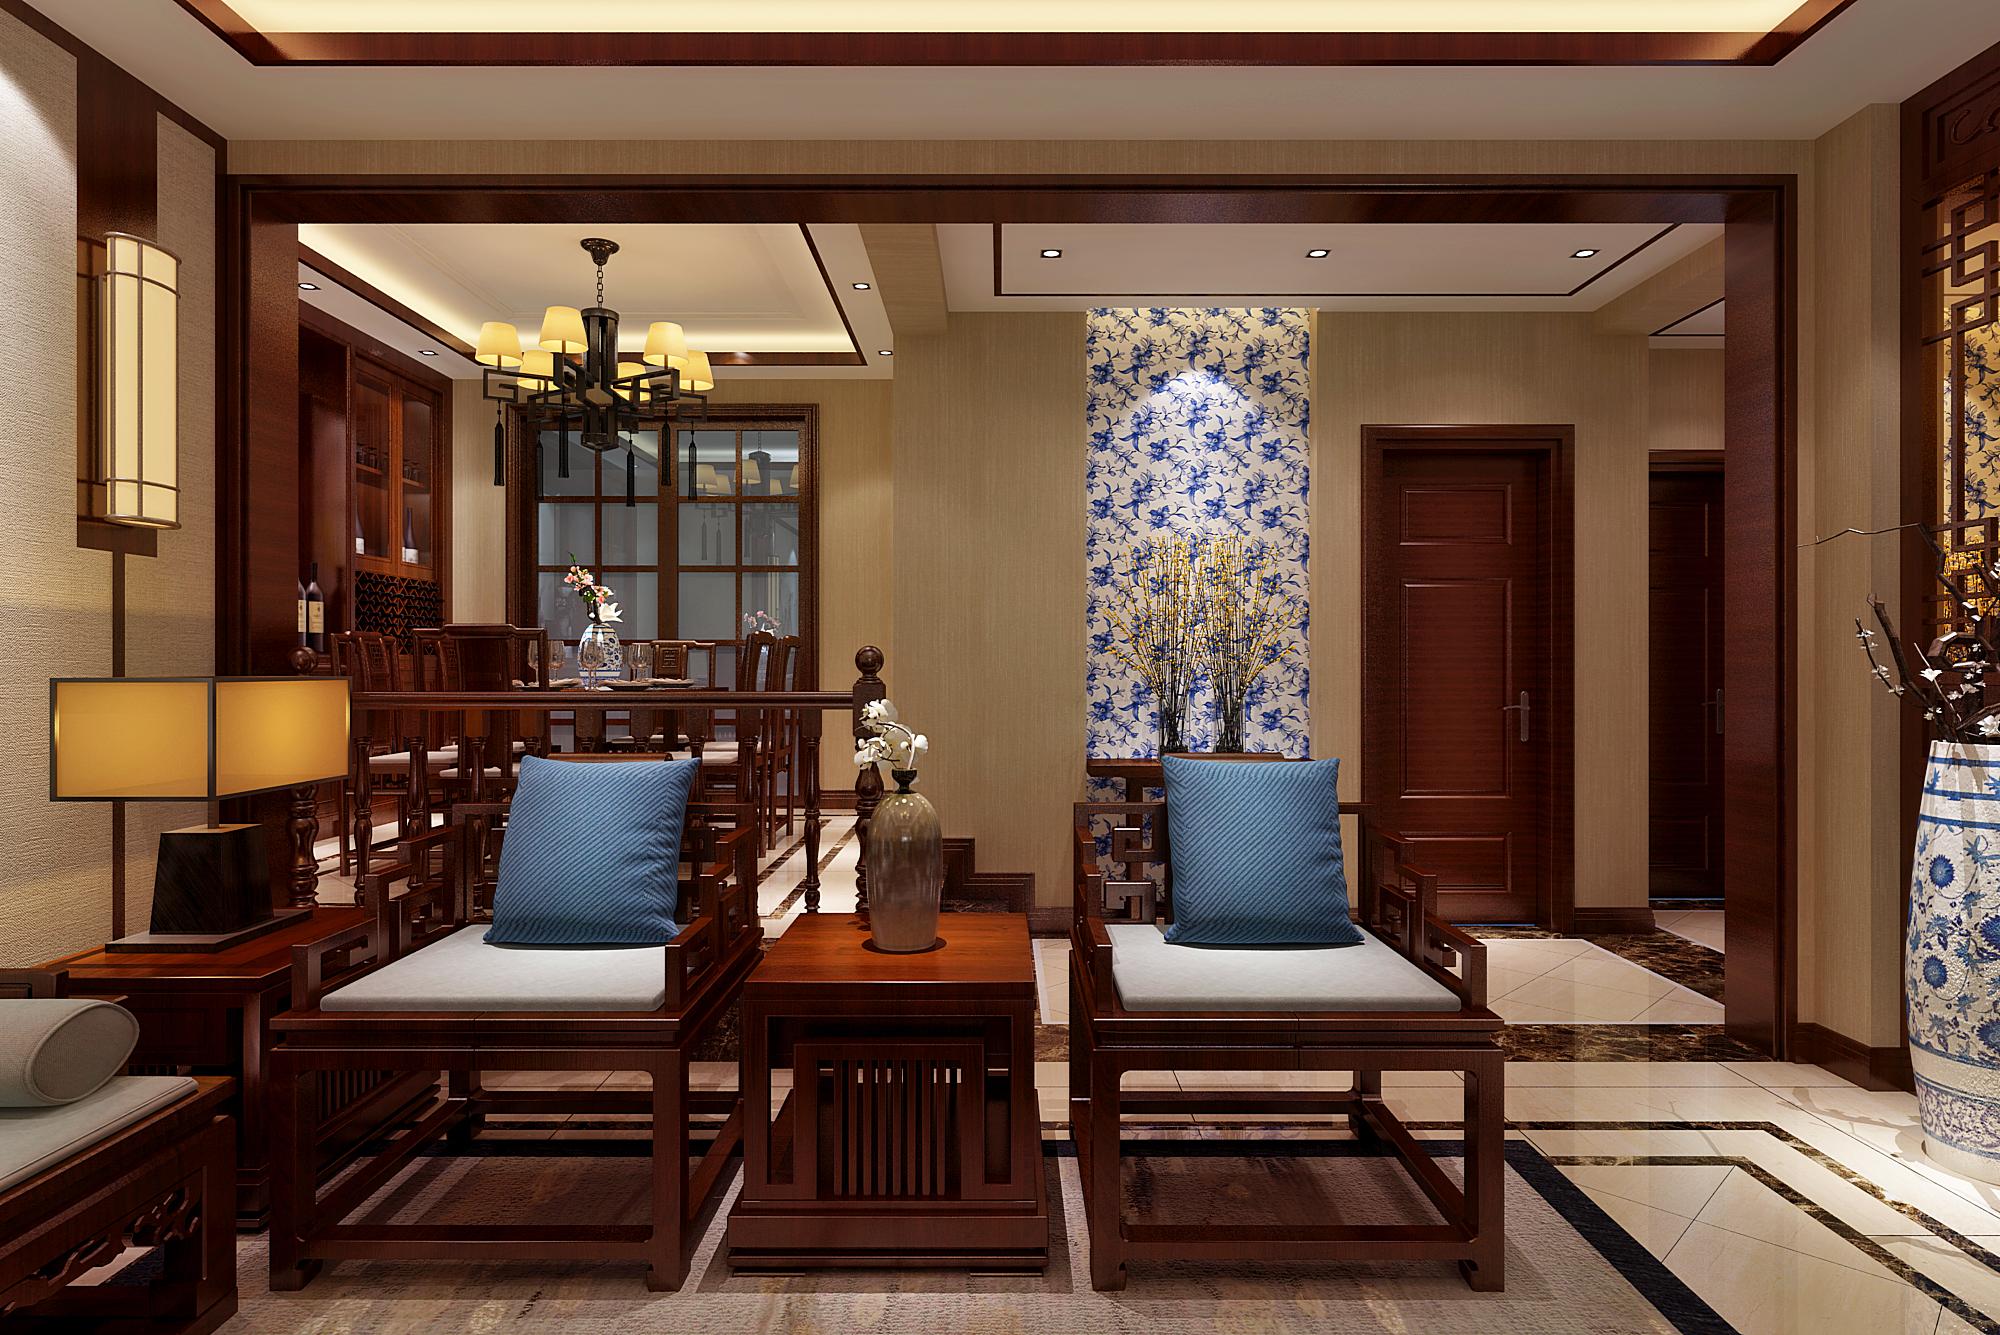 新中式风格边桌椅设计效果图